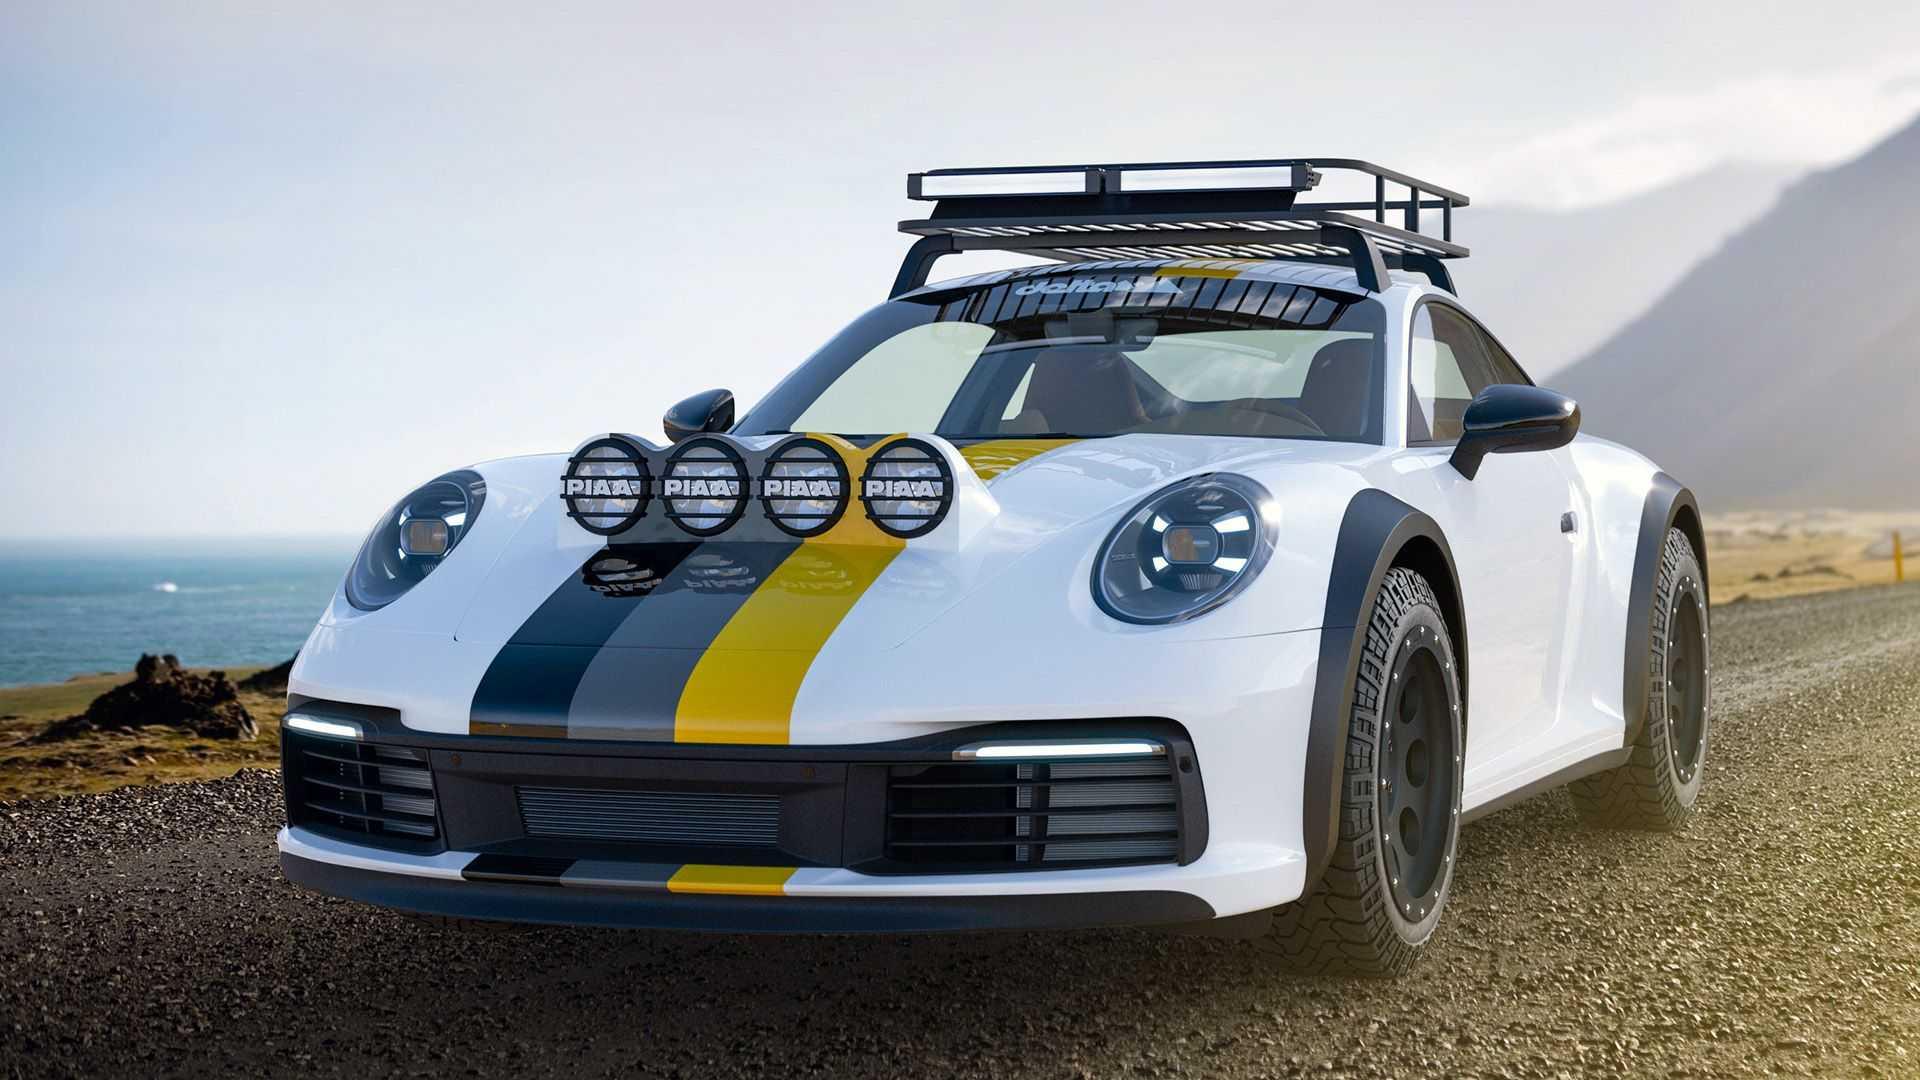 Delta 4x4 Porsche 911 992